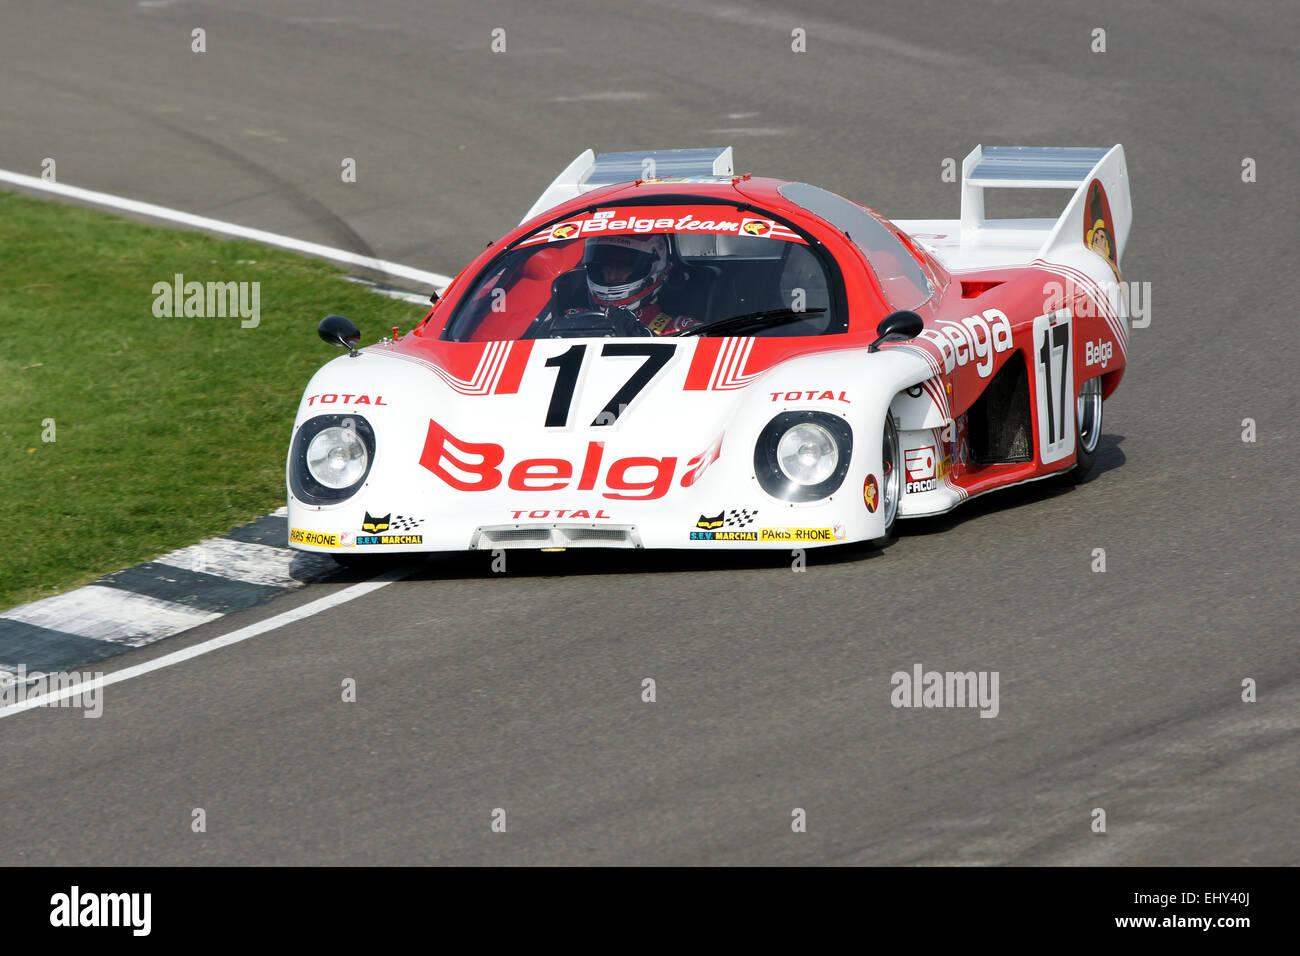 Group C Sports Prototype Stock Photo